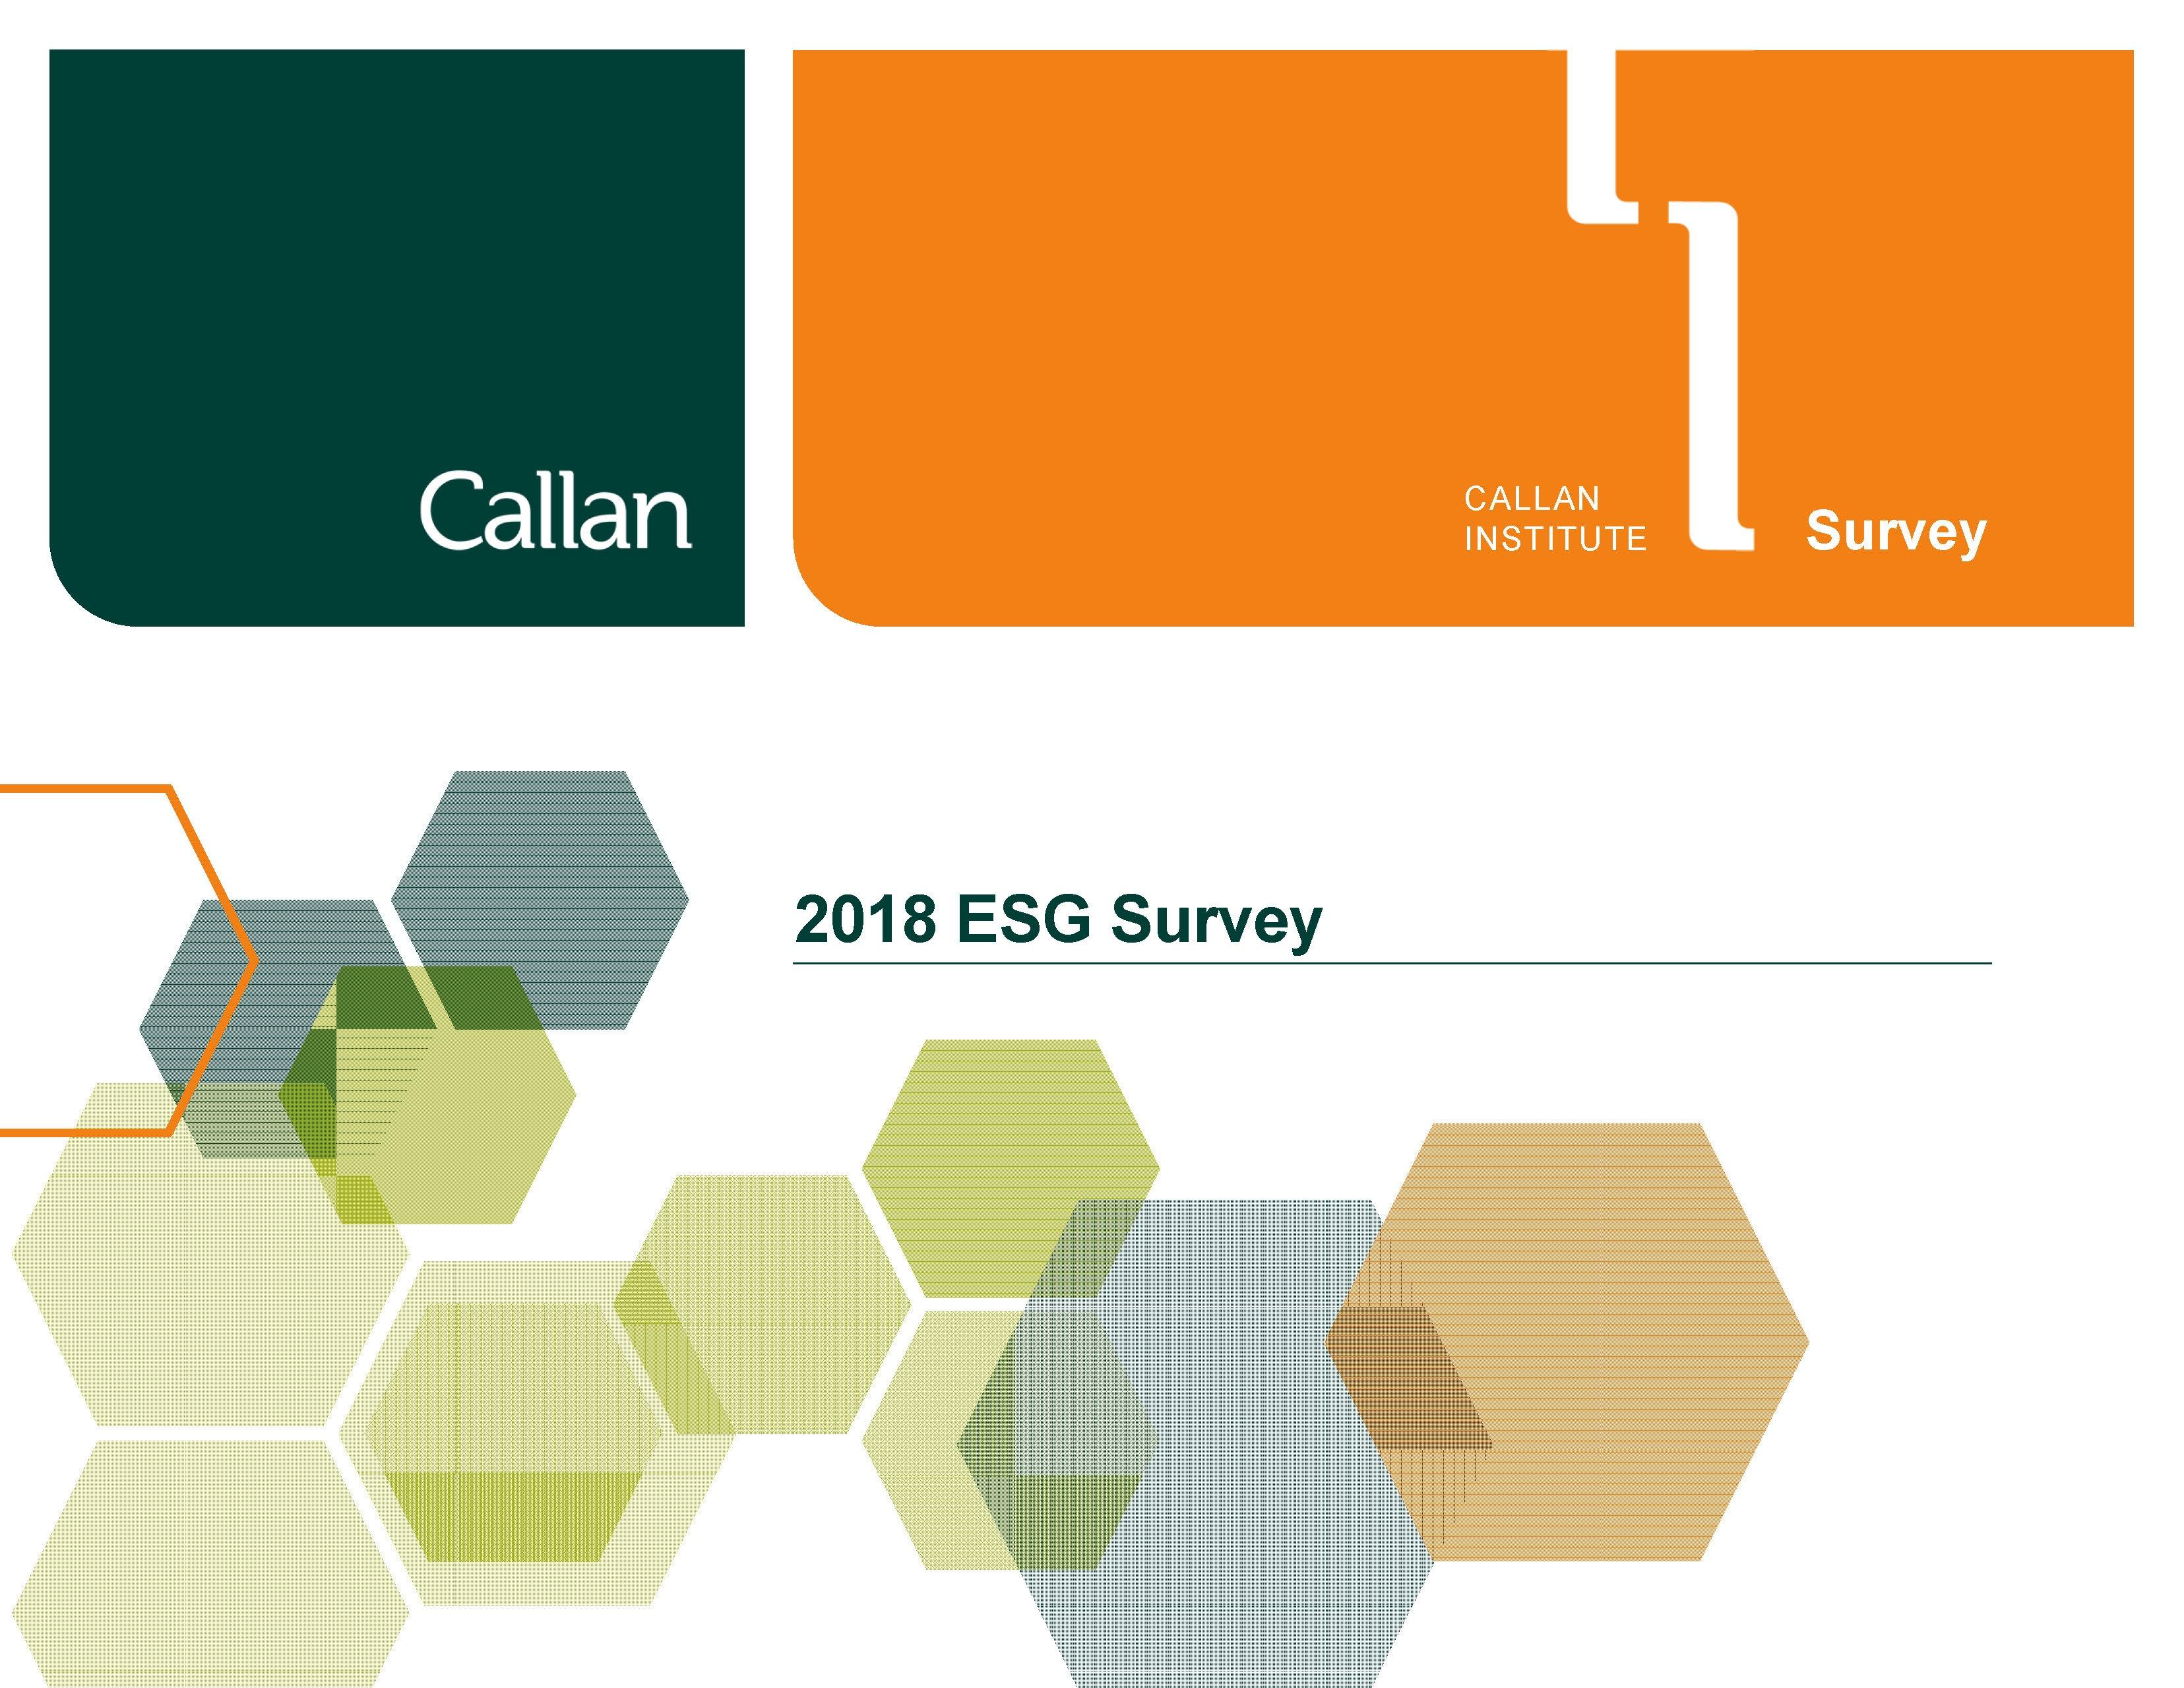 Callans-2018-ESG-Survey 1